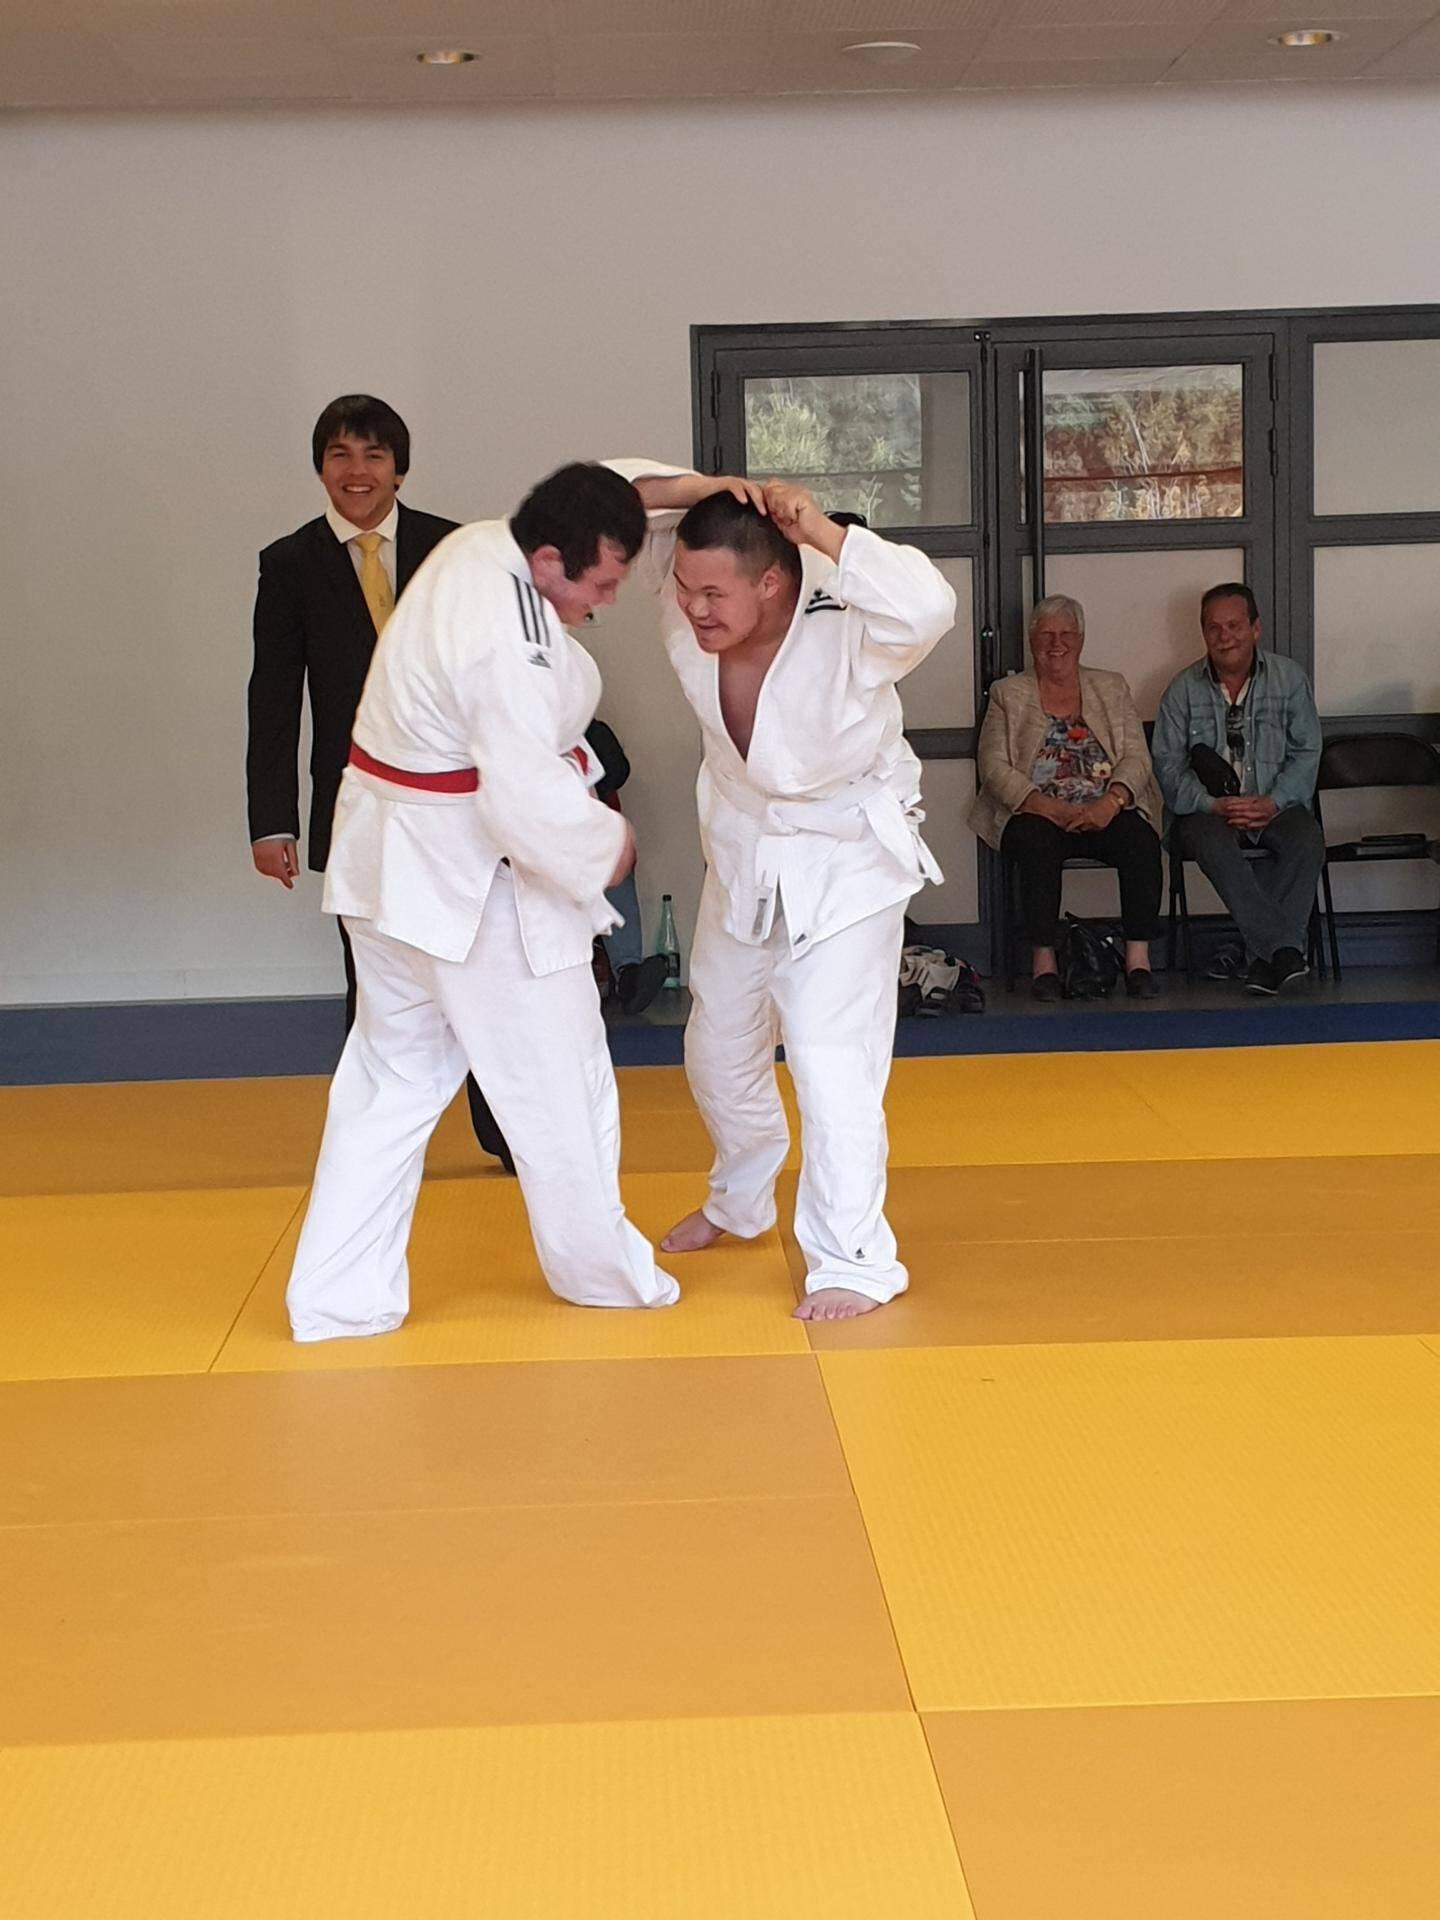 Les combats ont été très disputés tout en gardant une ambiance très conviviale. (À droite), le professeur du club de judo de Pierrefeu, Patrick Lefrançois, était présent pour arbitrer les sportifs.